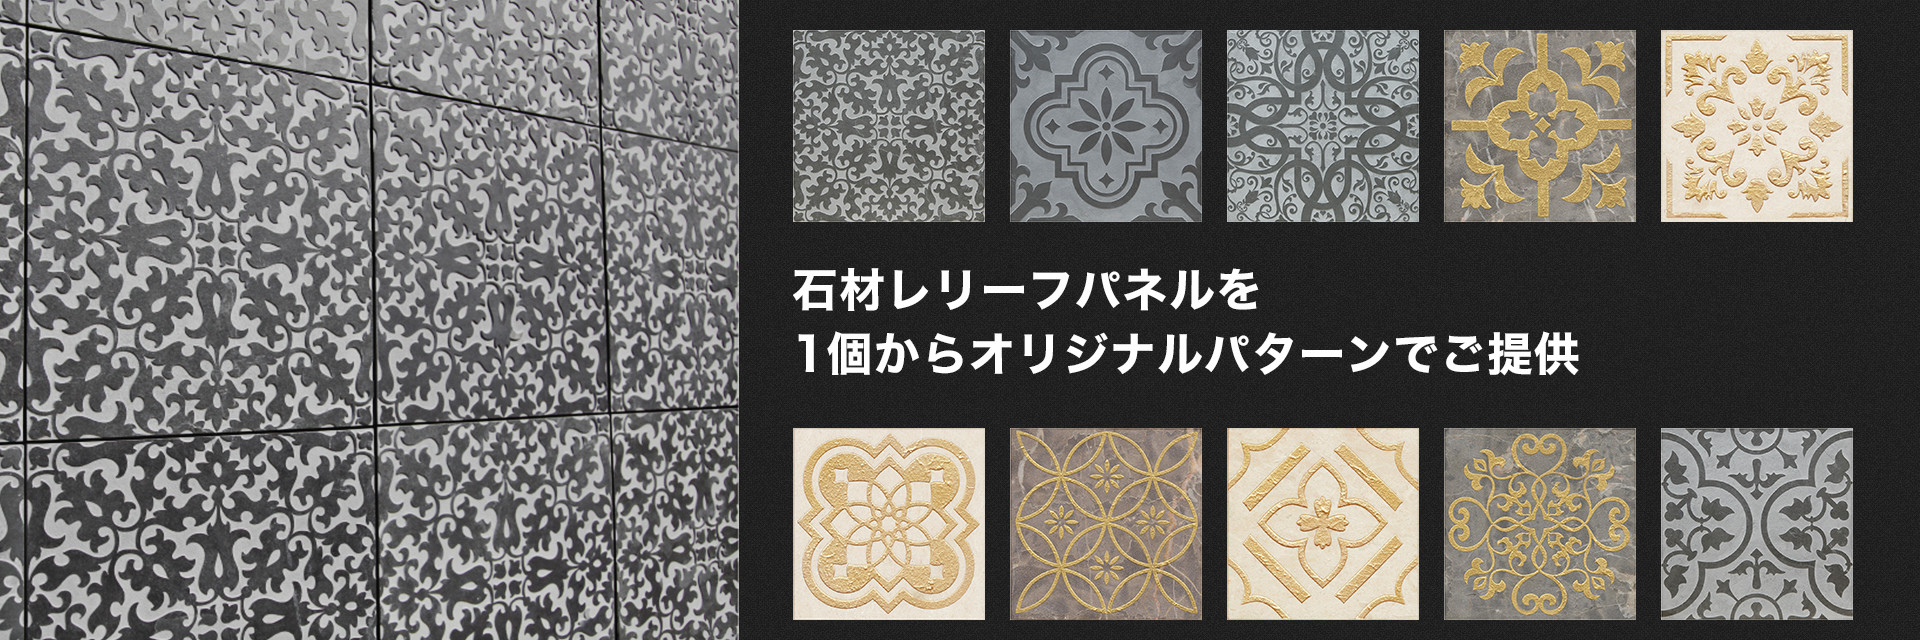 石材レリーフパネルを1個からオリジナルパターンでご提供